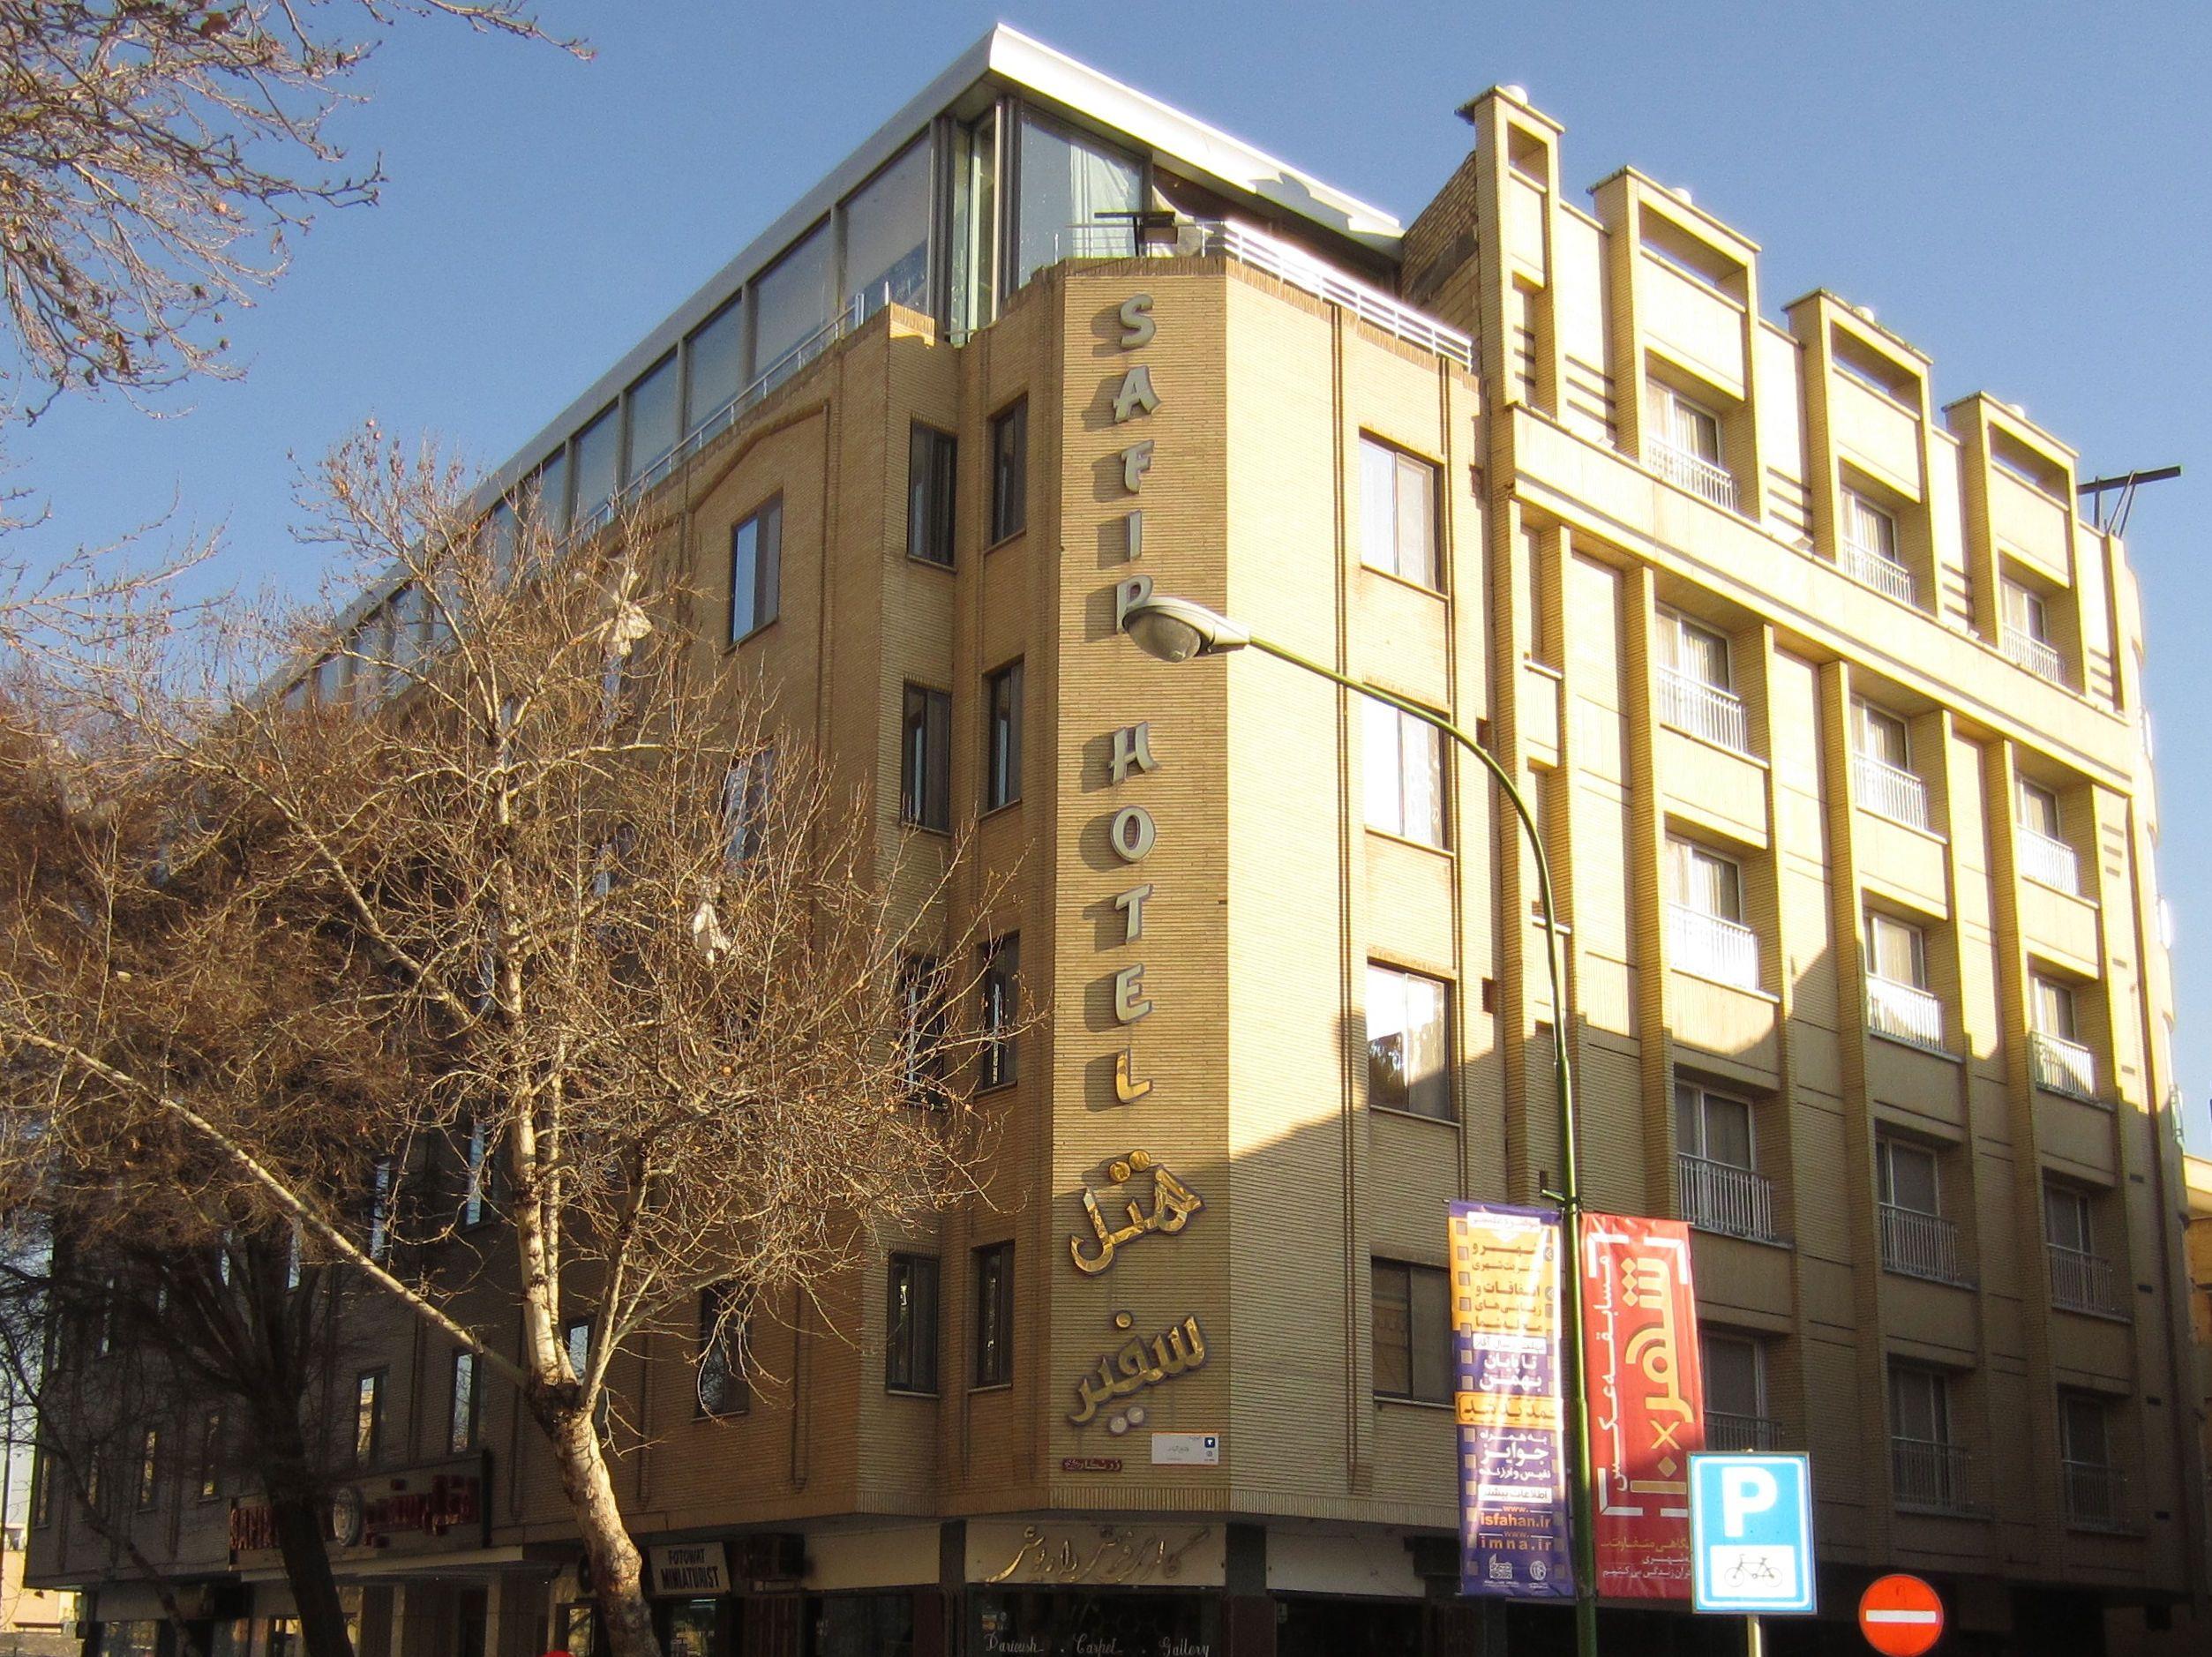 Hotels in Iran Sinbadu0027s Iran Pocket